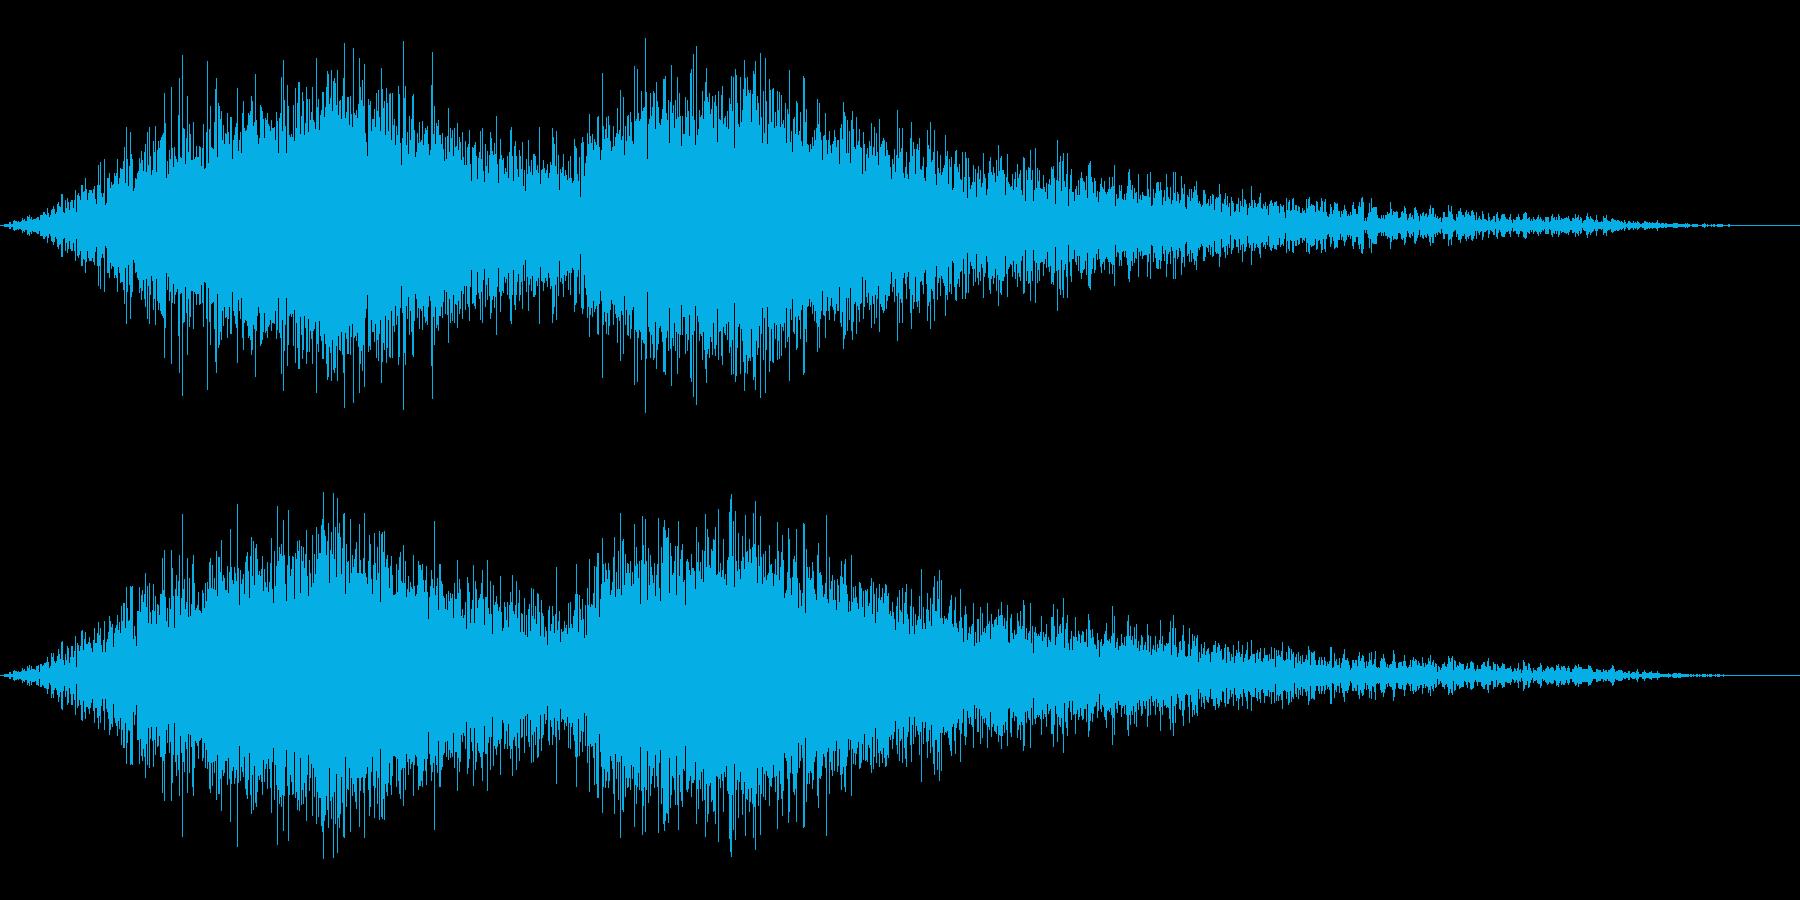 寒い感じのする風の音2の再生済みの波形